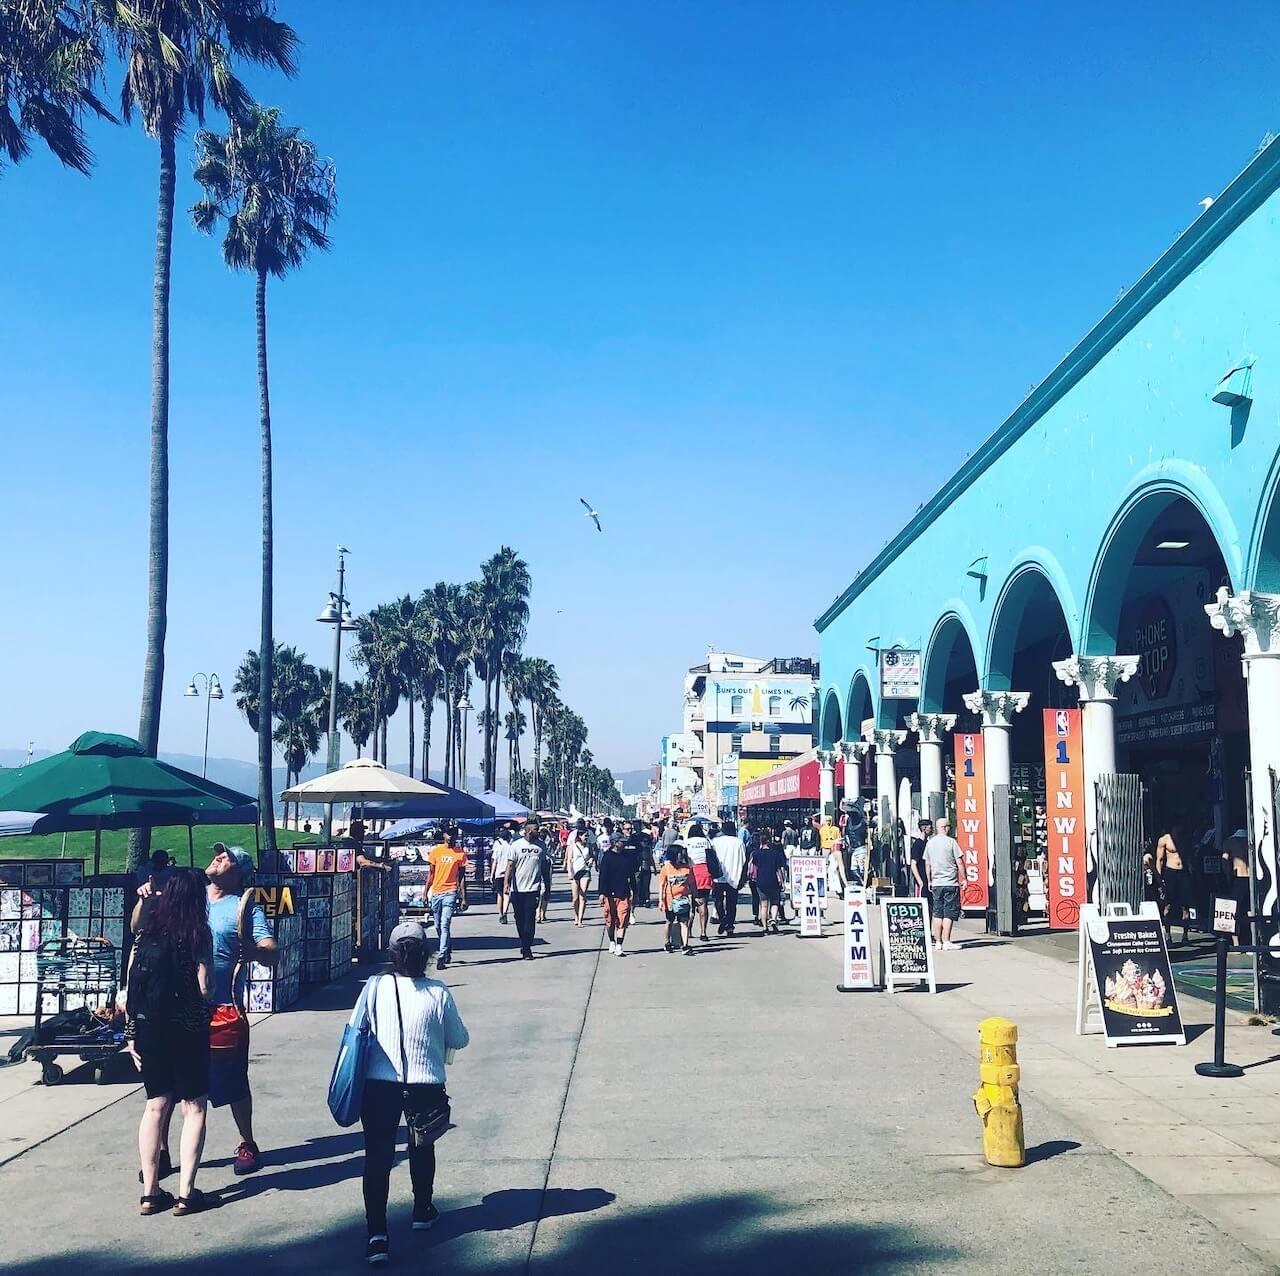 Los Angeles' Strände: Malibu, Santa Monica und Venice Beach